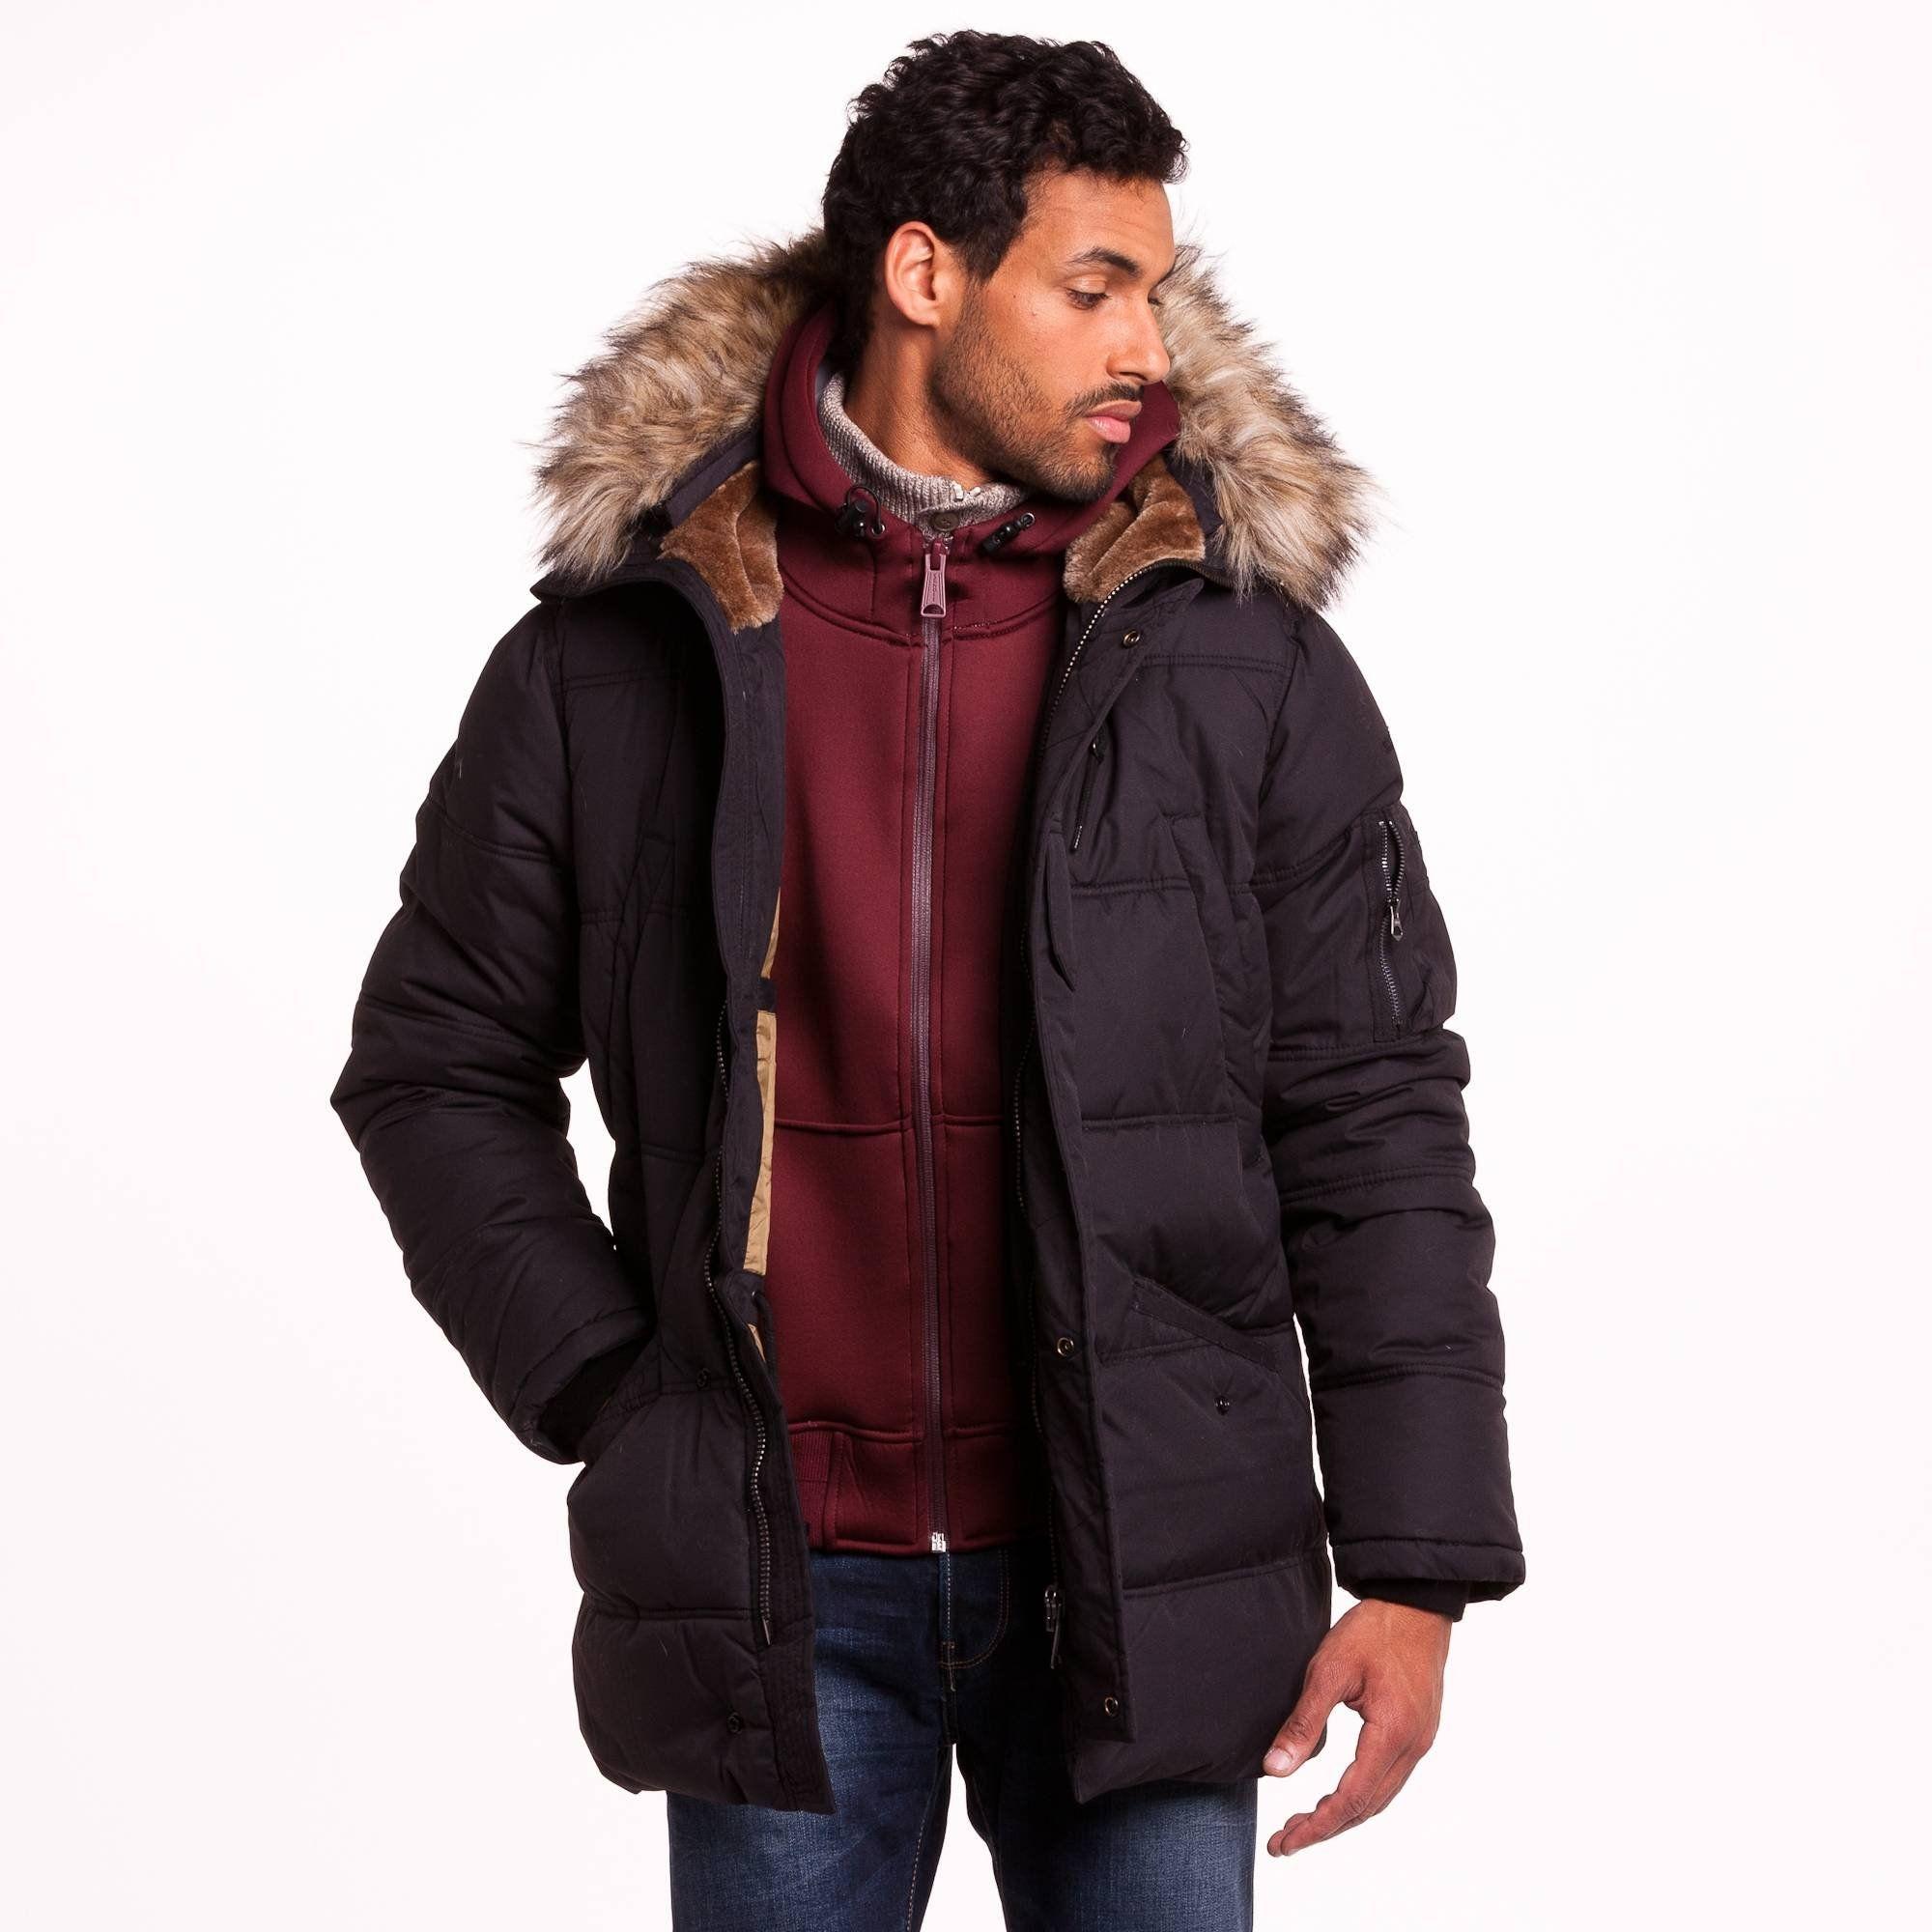 convient aux hommes/femmes grande variété de styles remise spéciale Doudoune à capuche zippée multipoches Snork Schott | 3 ...